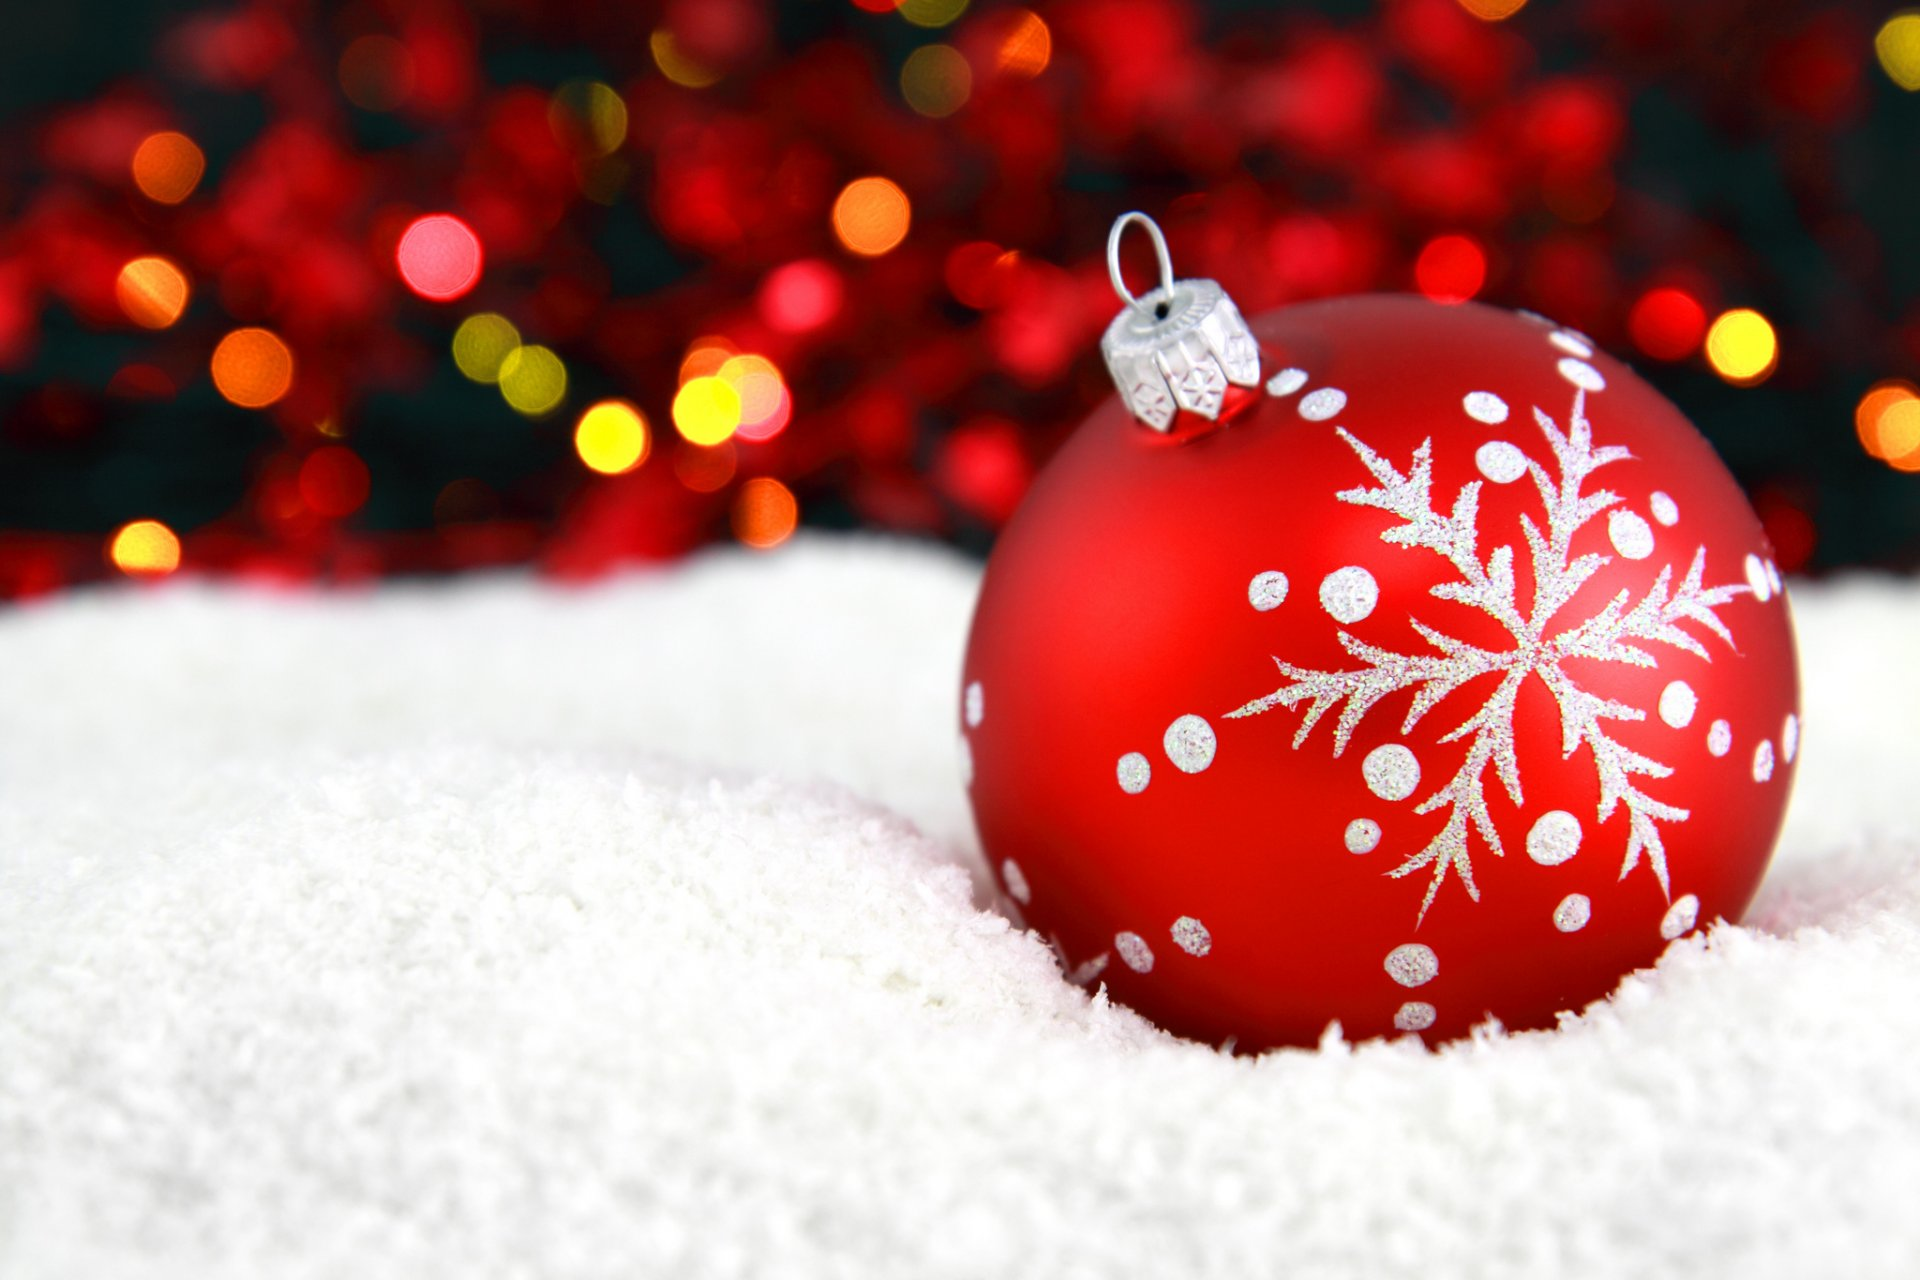 картинки на ватсап новогодние красивые доносилось наверх, каждый